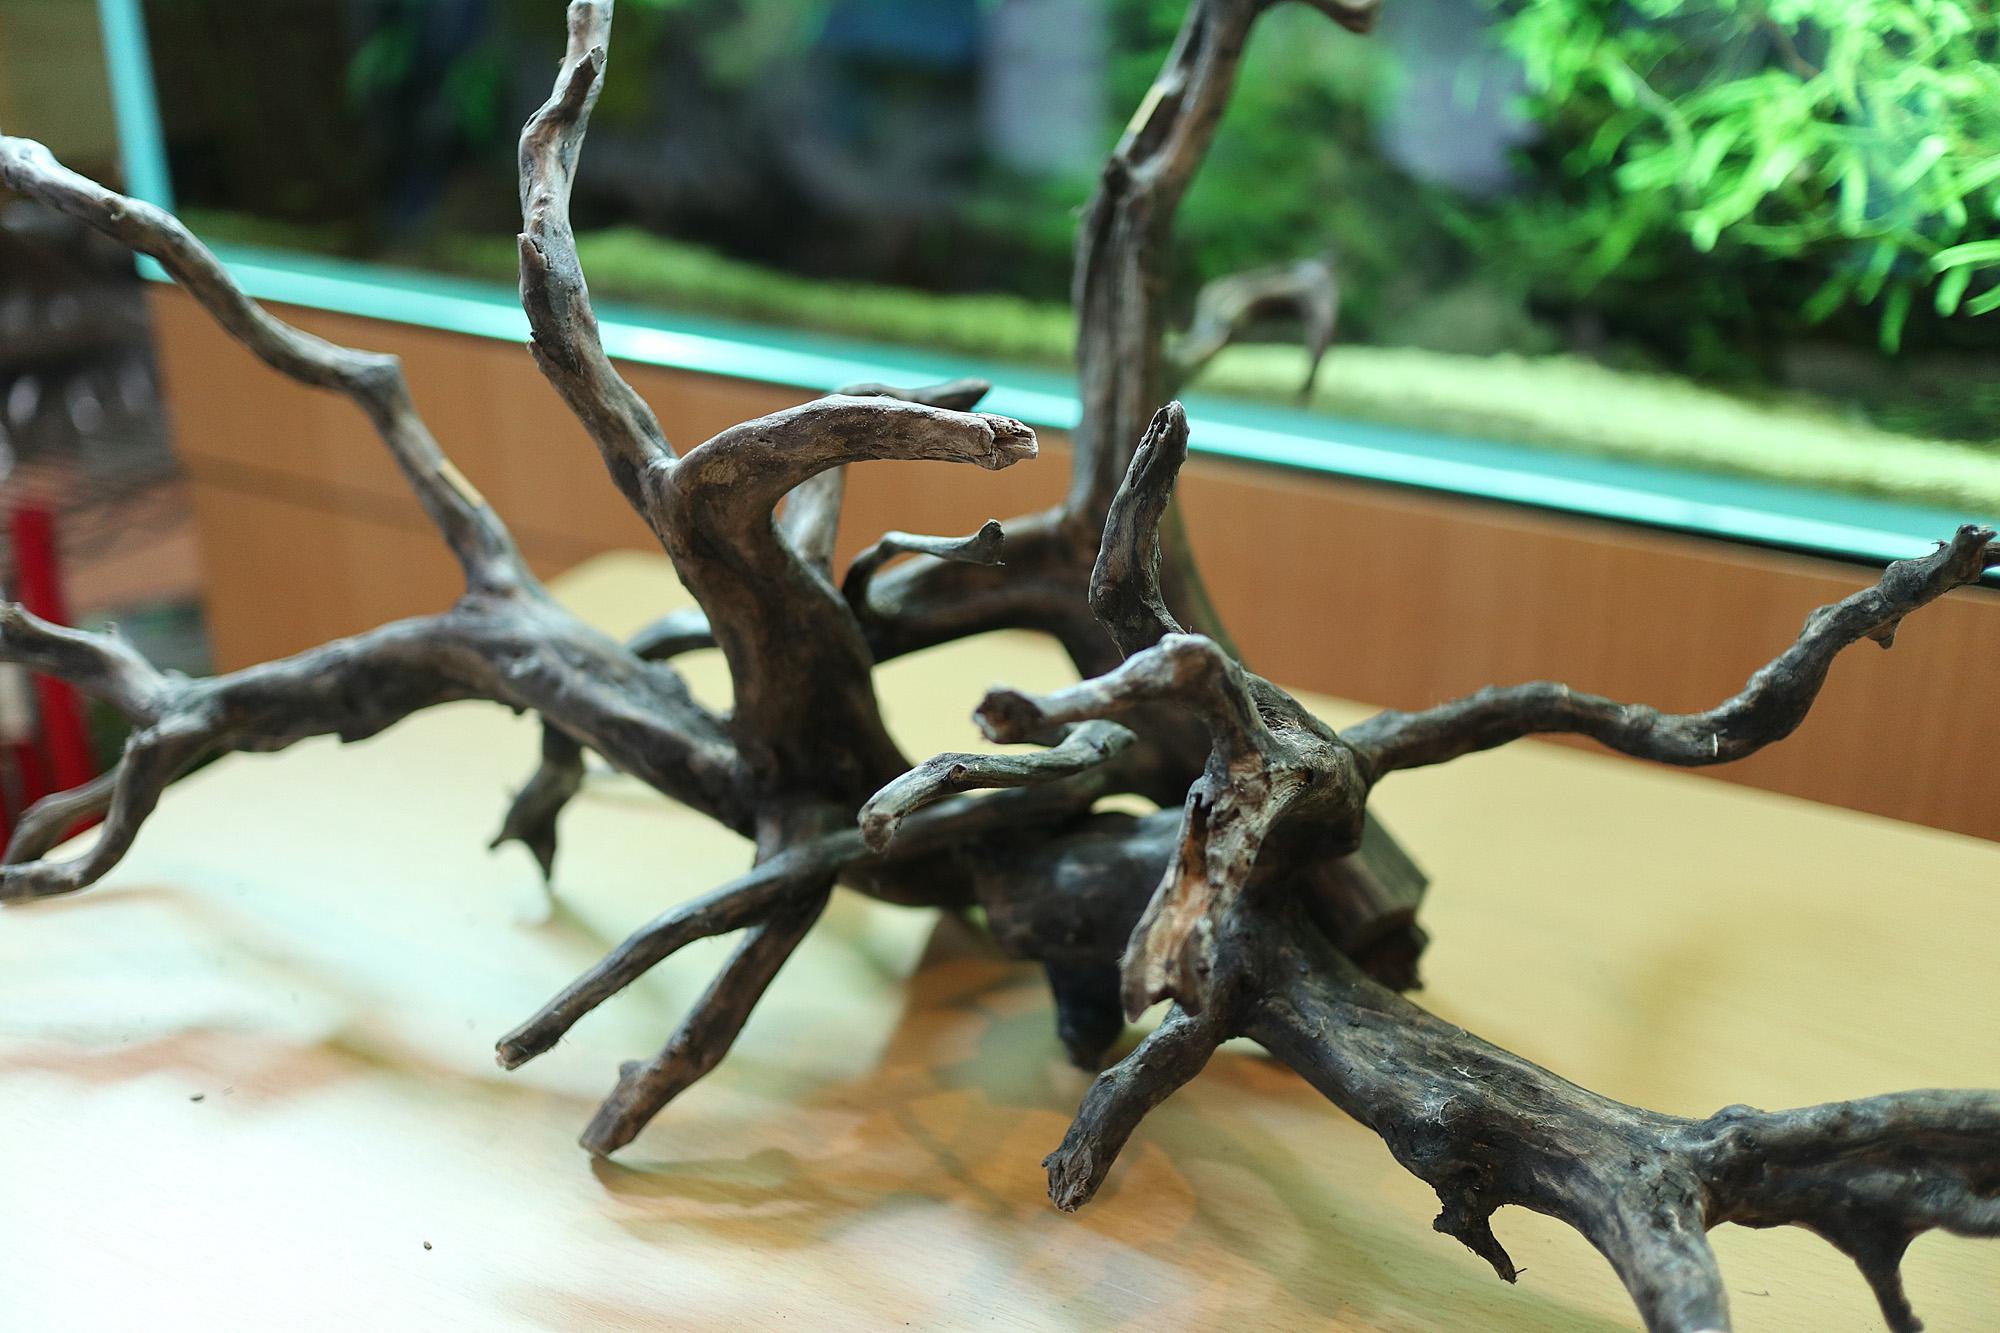 良形!黒枝流木Mサイズ入荷